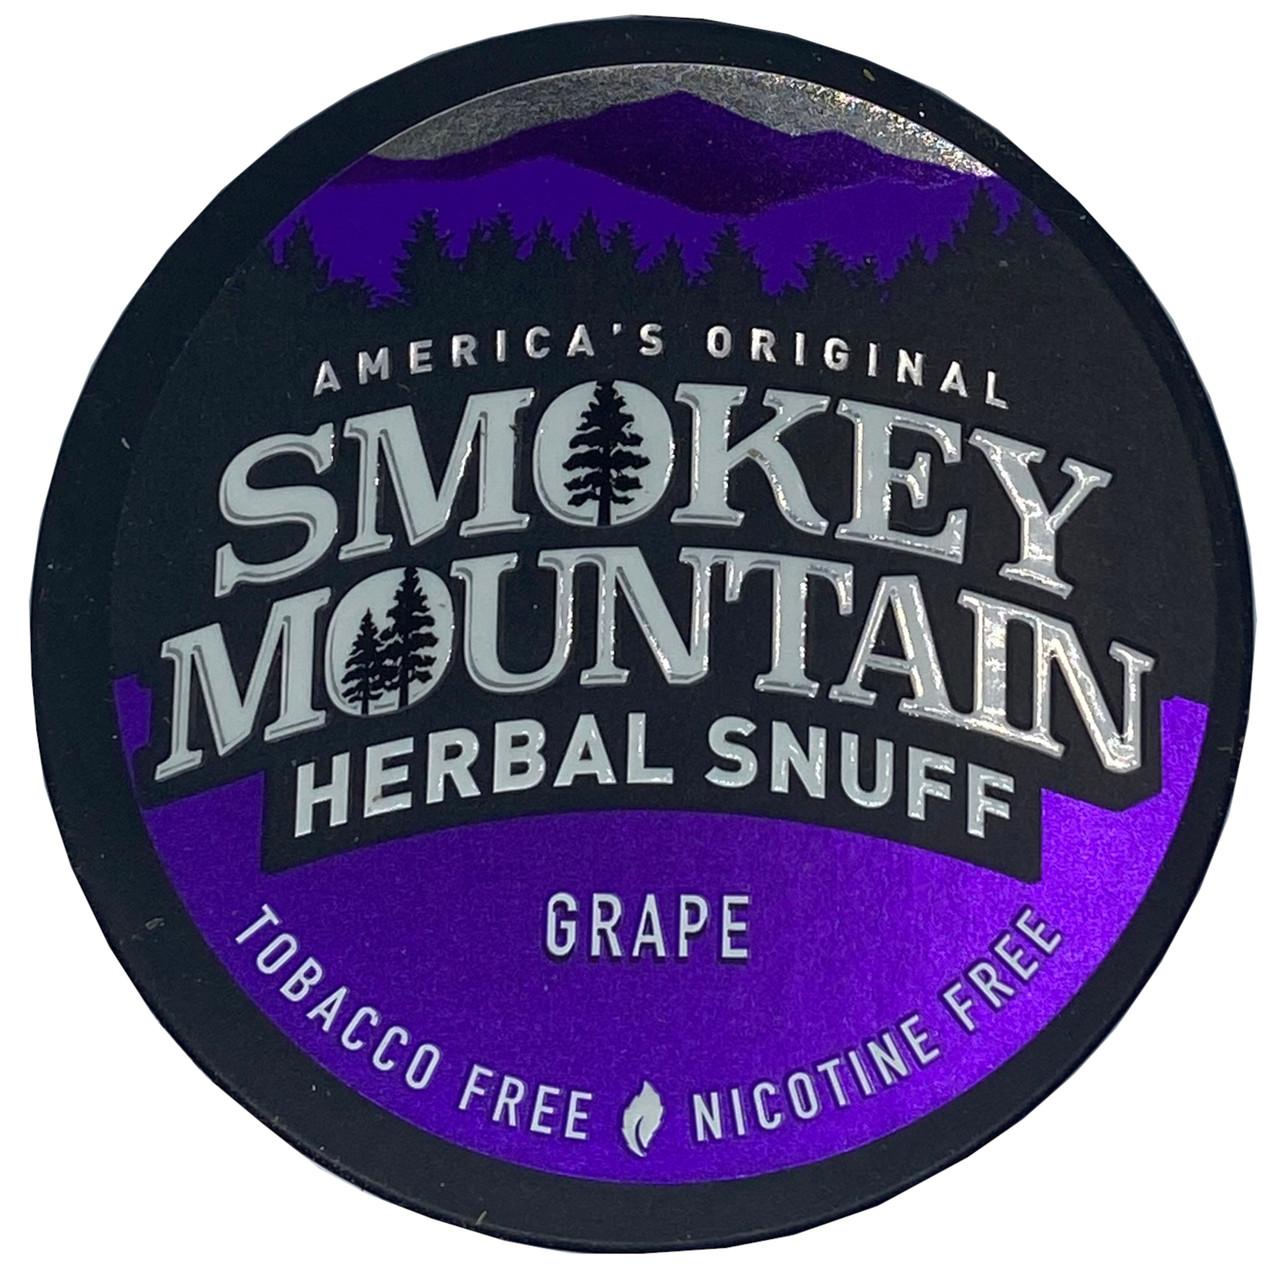 Smokey Mountain Herbal Snuff Grape 1 Can